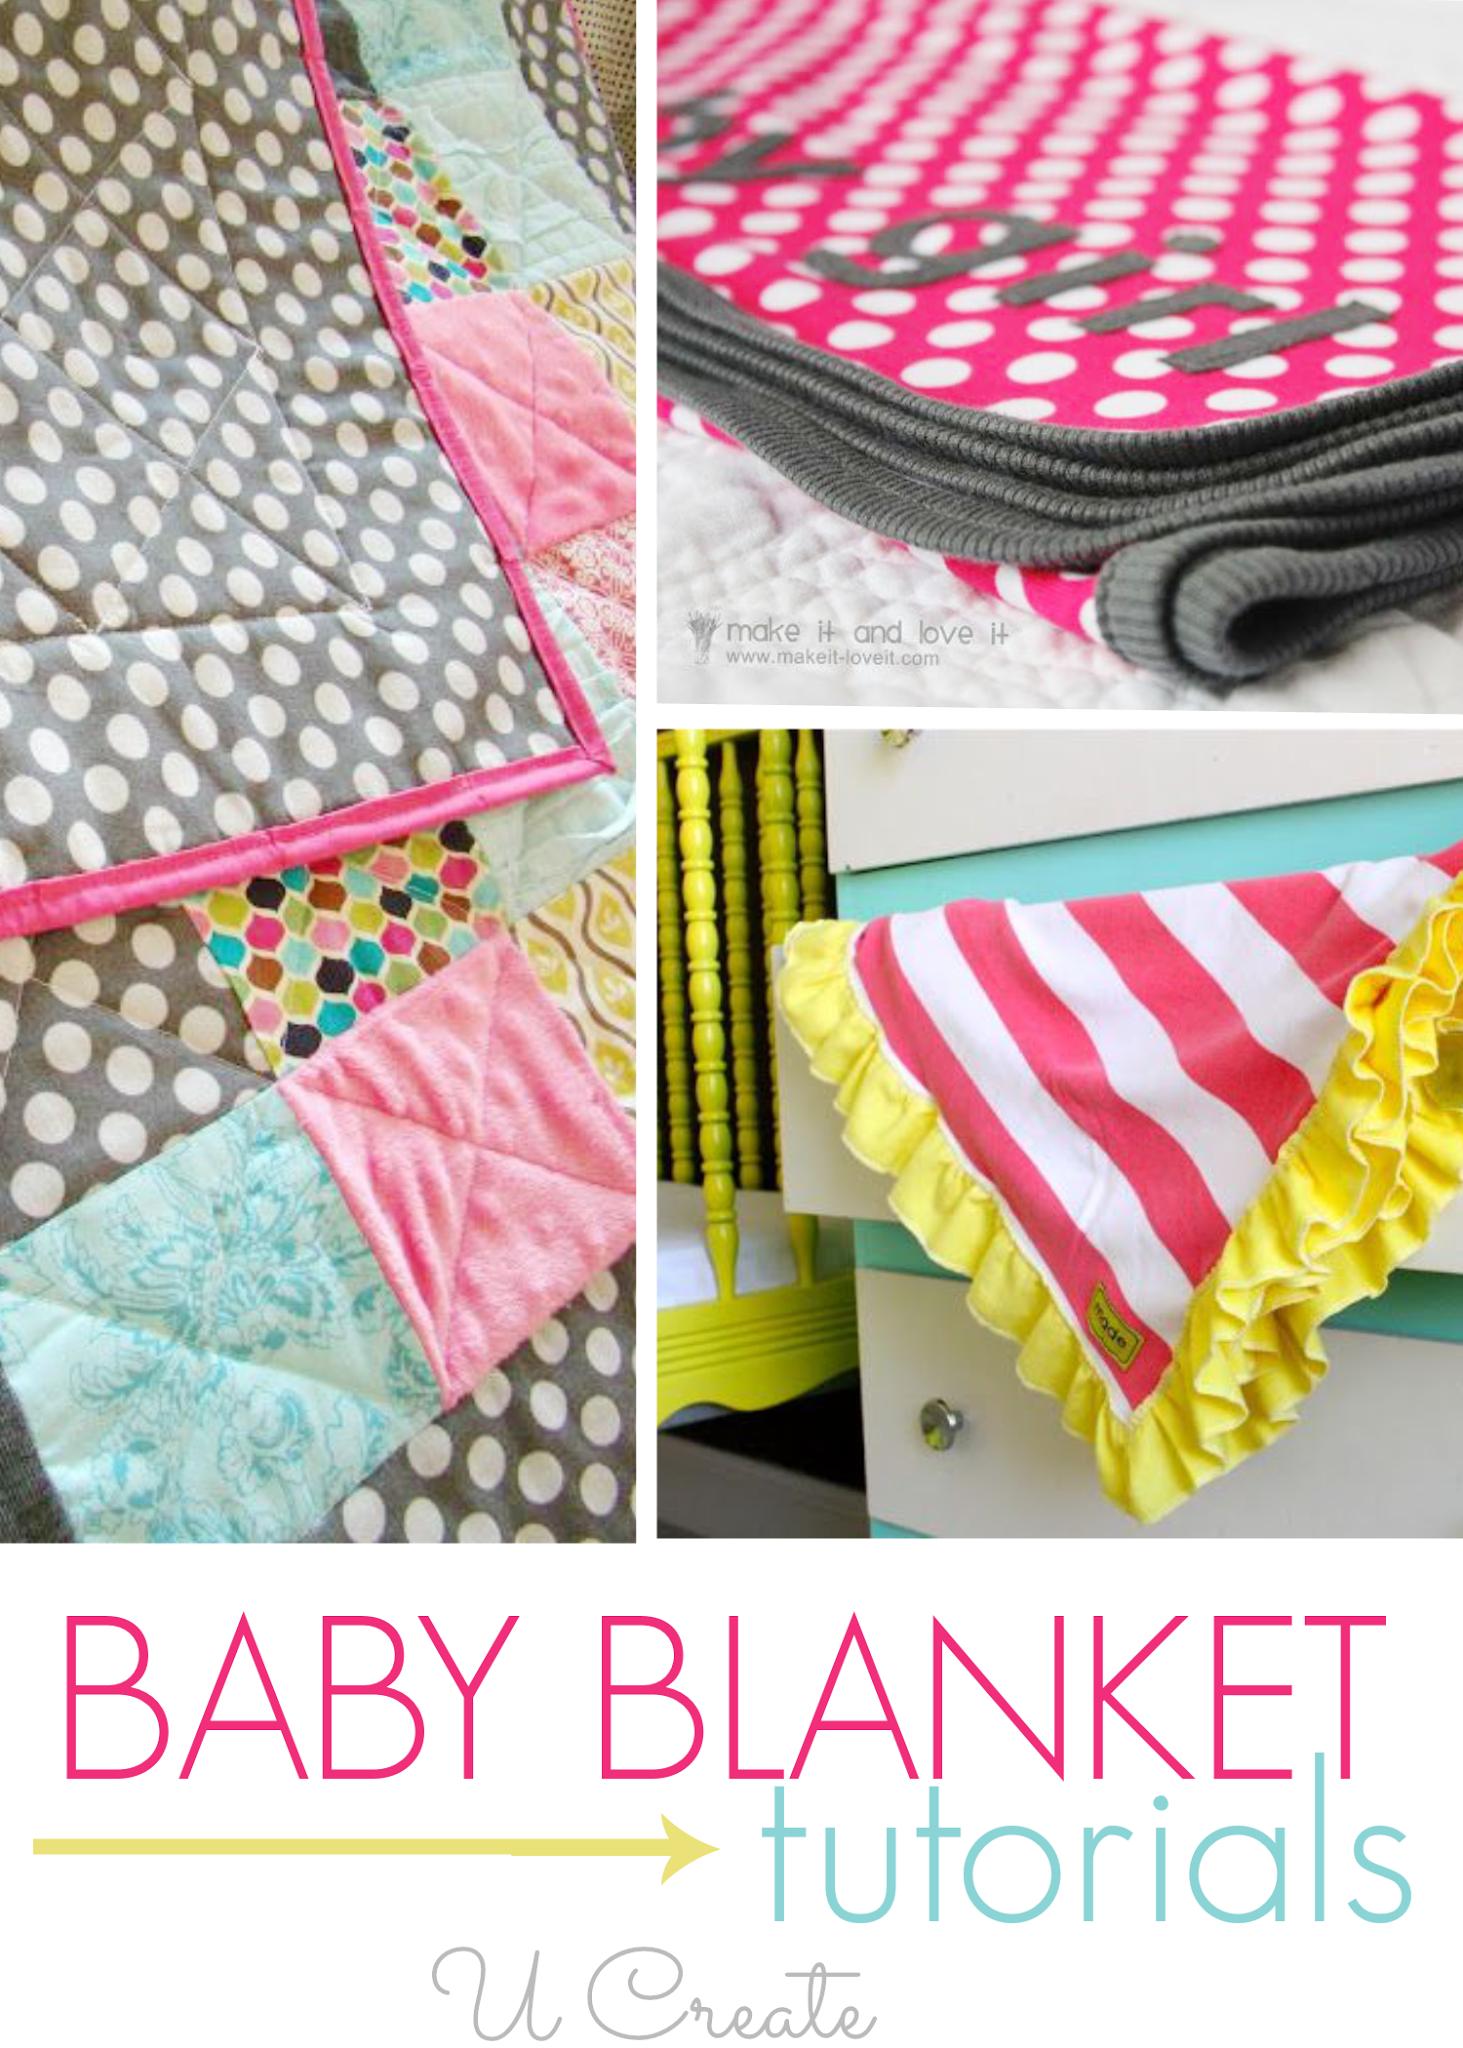 Baby blanket tutorials u create projekty do wypróbowania